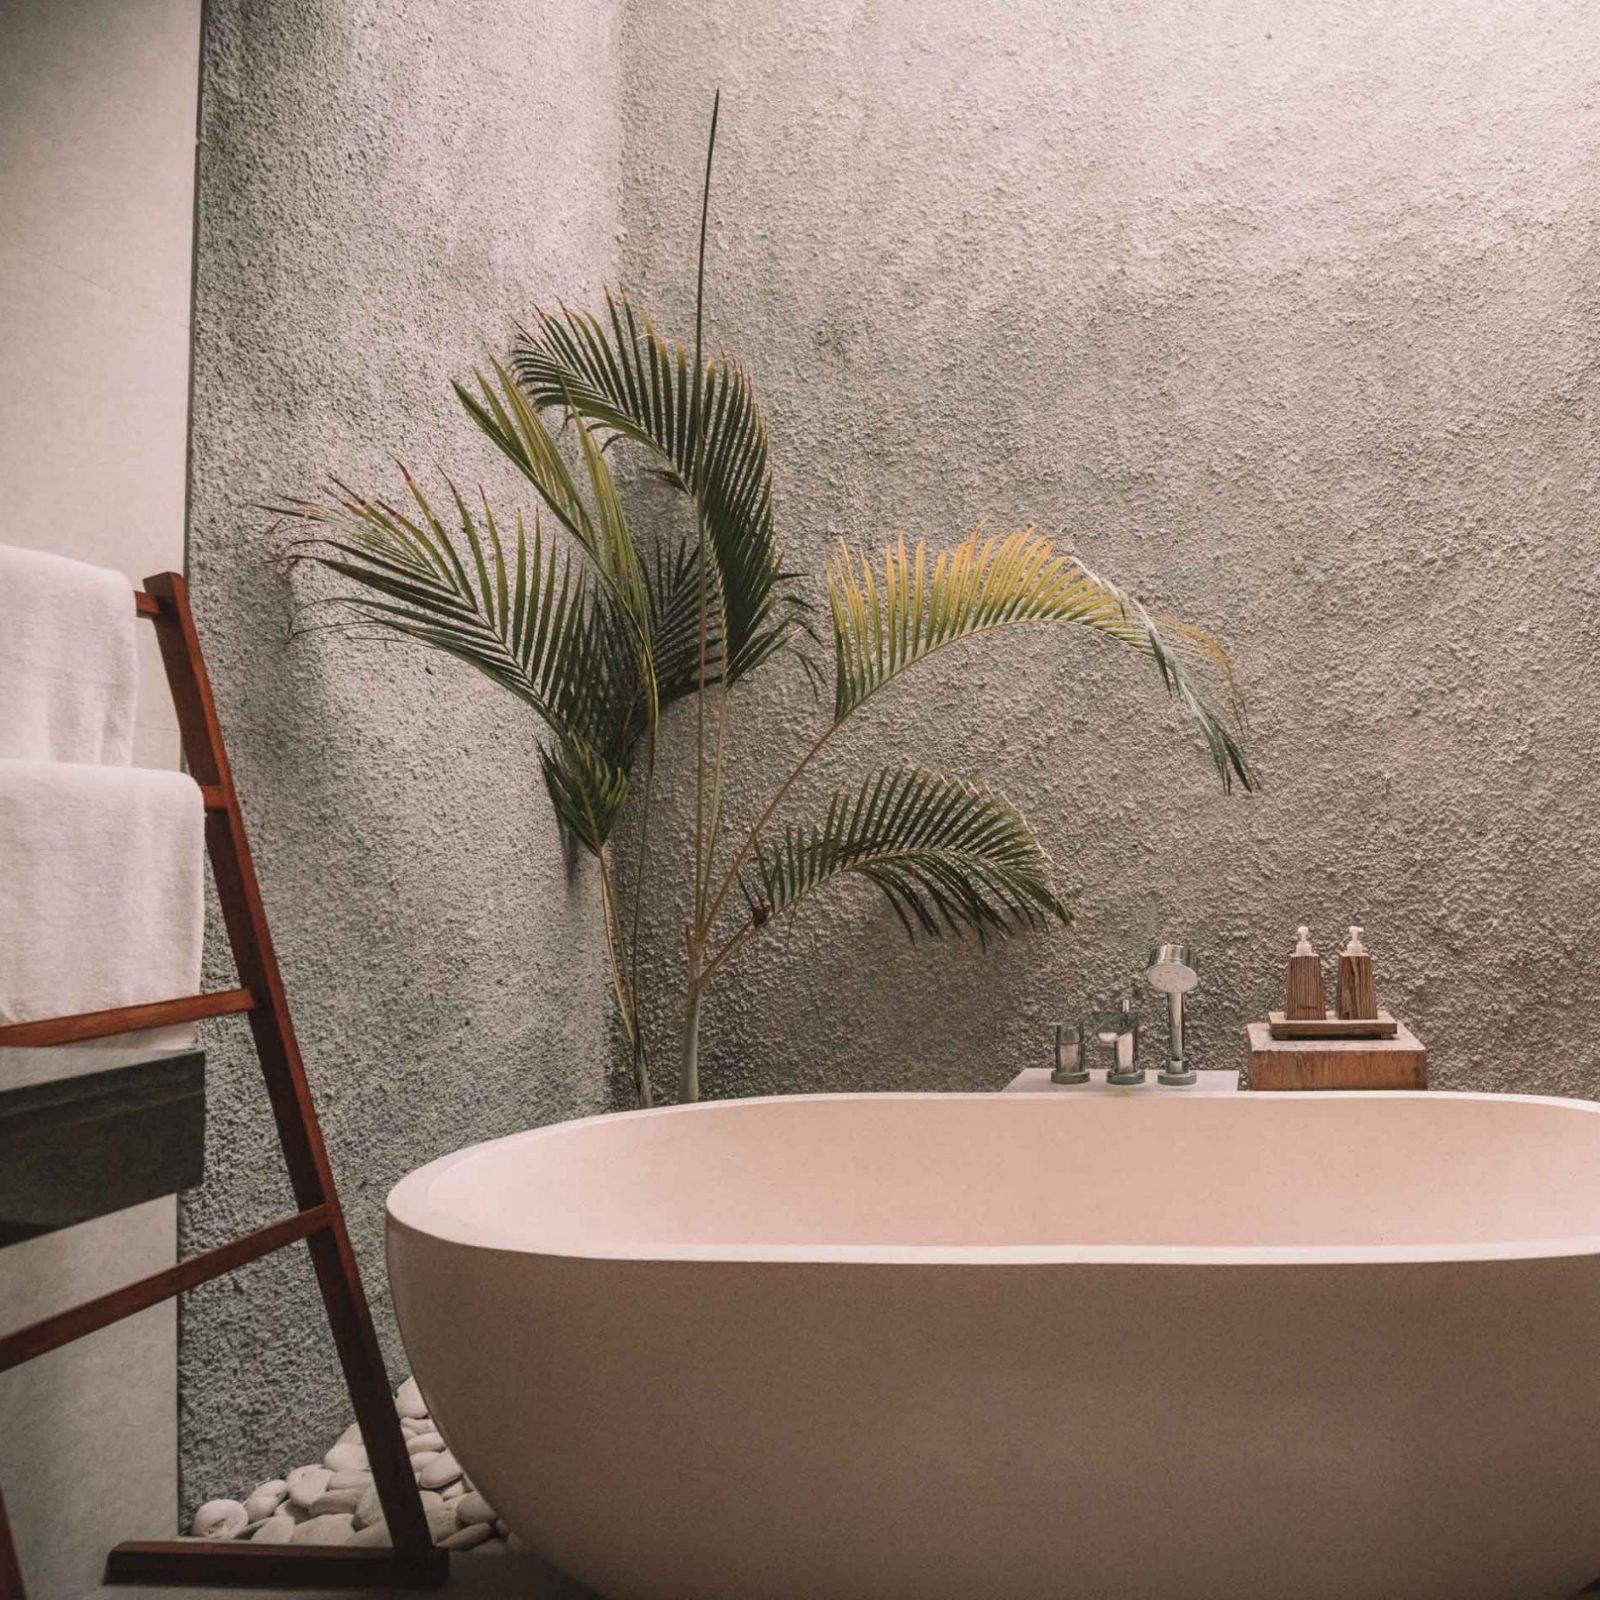 Badezimmer Dekorieren Tipps  Ideen Für Eine Wohlfühloase von Badezimmer Verschönern Dekoration Photo